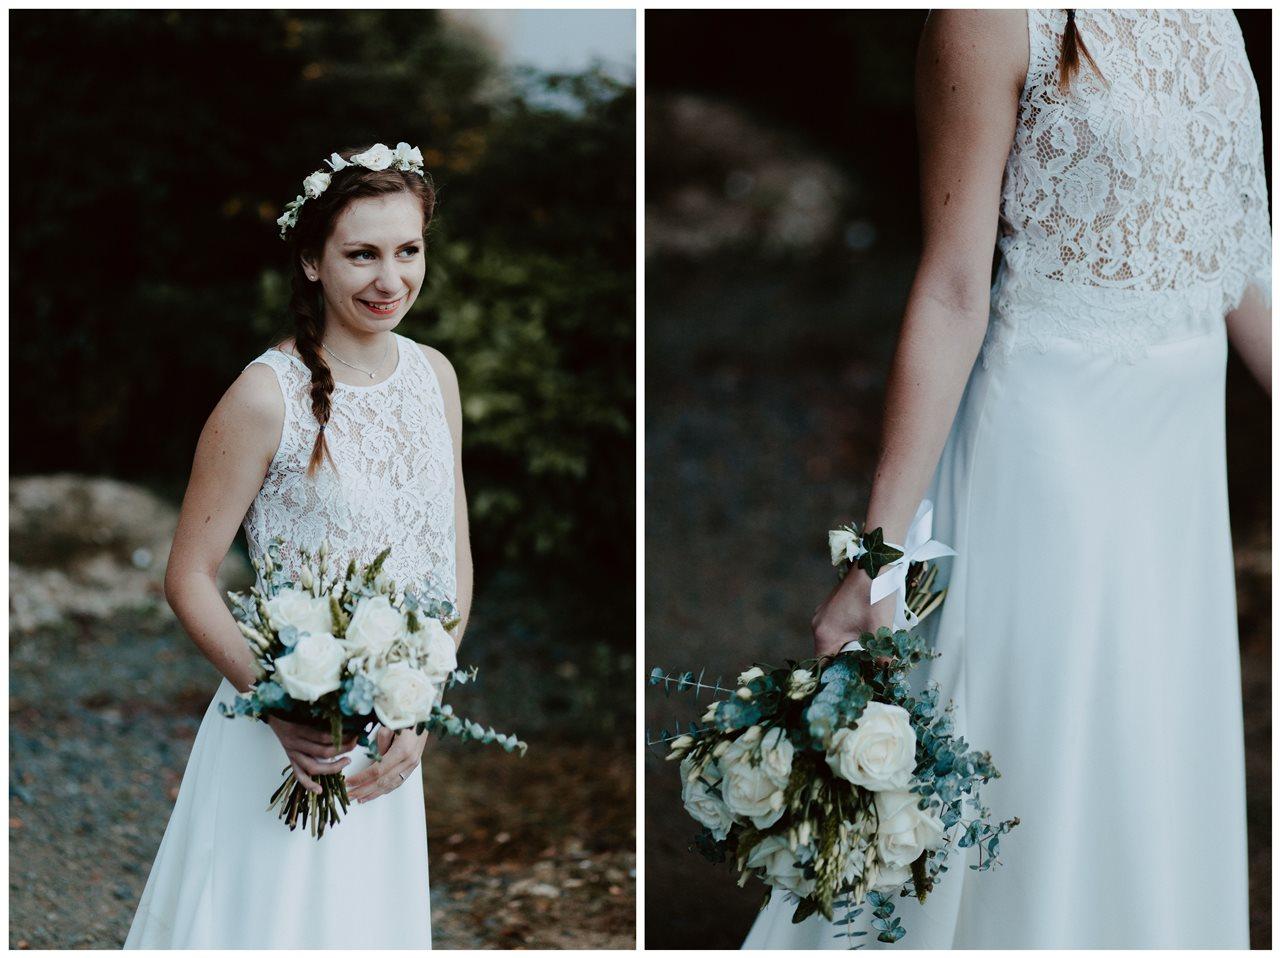 Mariage champêtre portrait mariée détail robe et fleurs